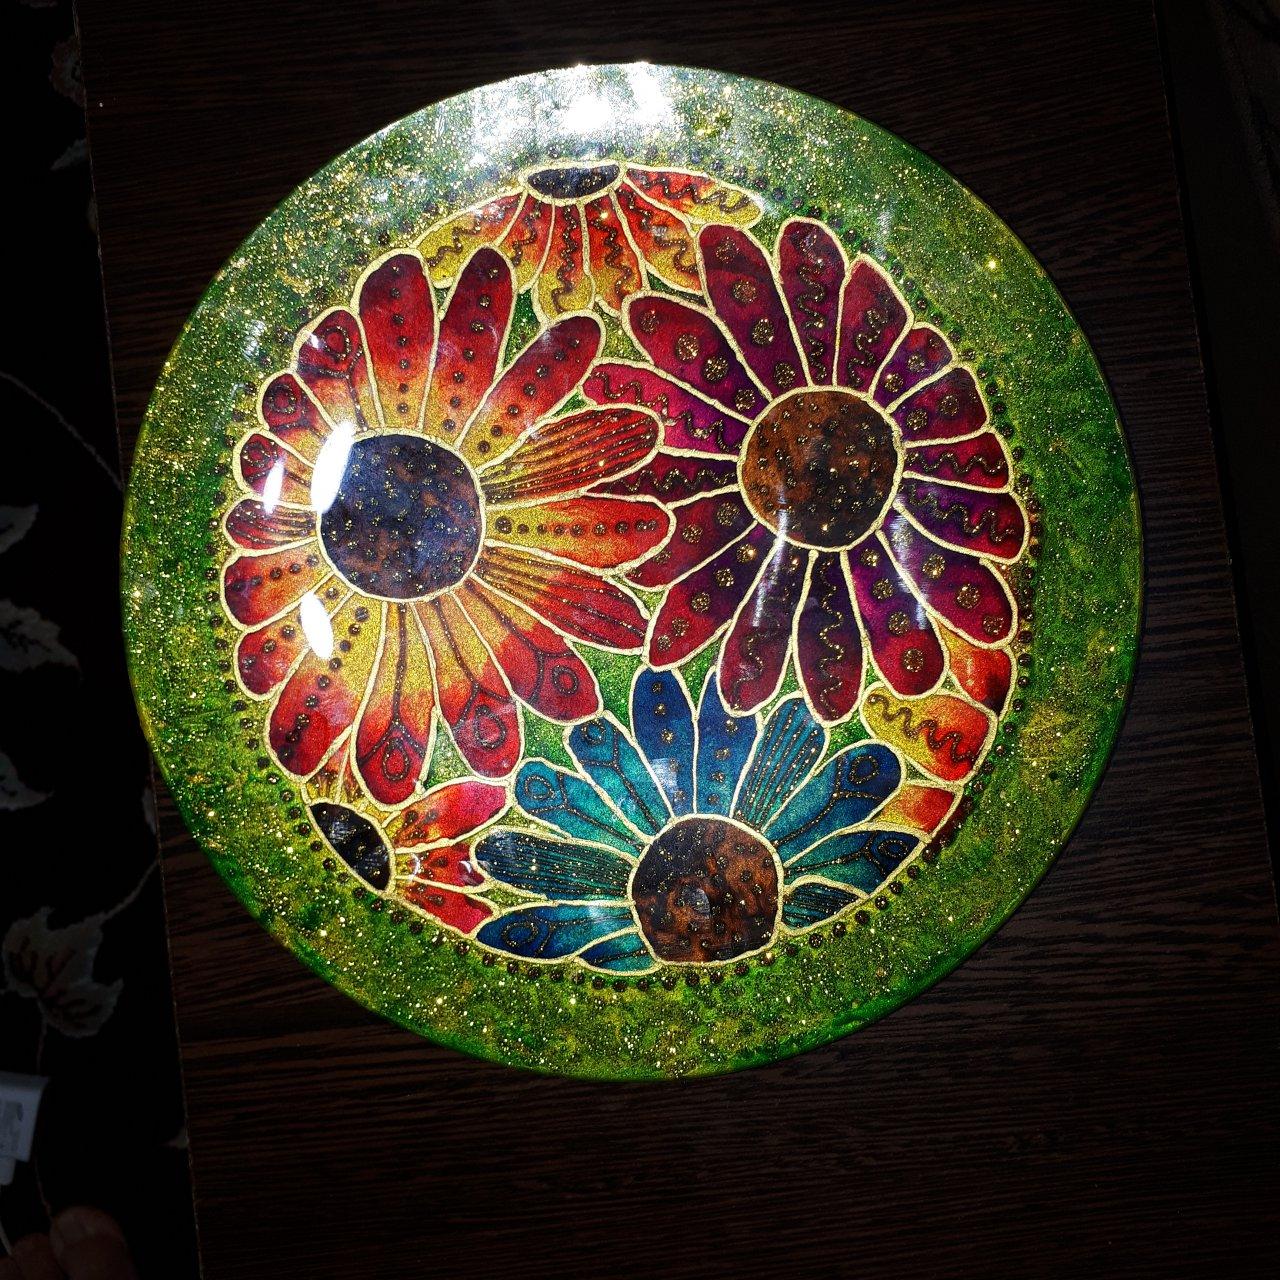 بشقاب شیشه ای با طراحی ویترای